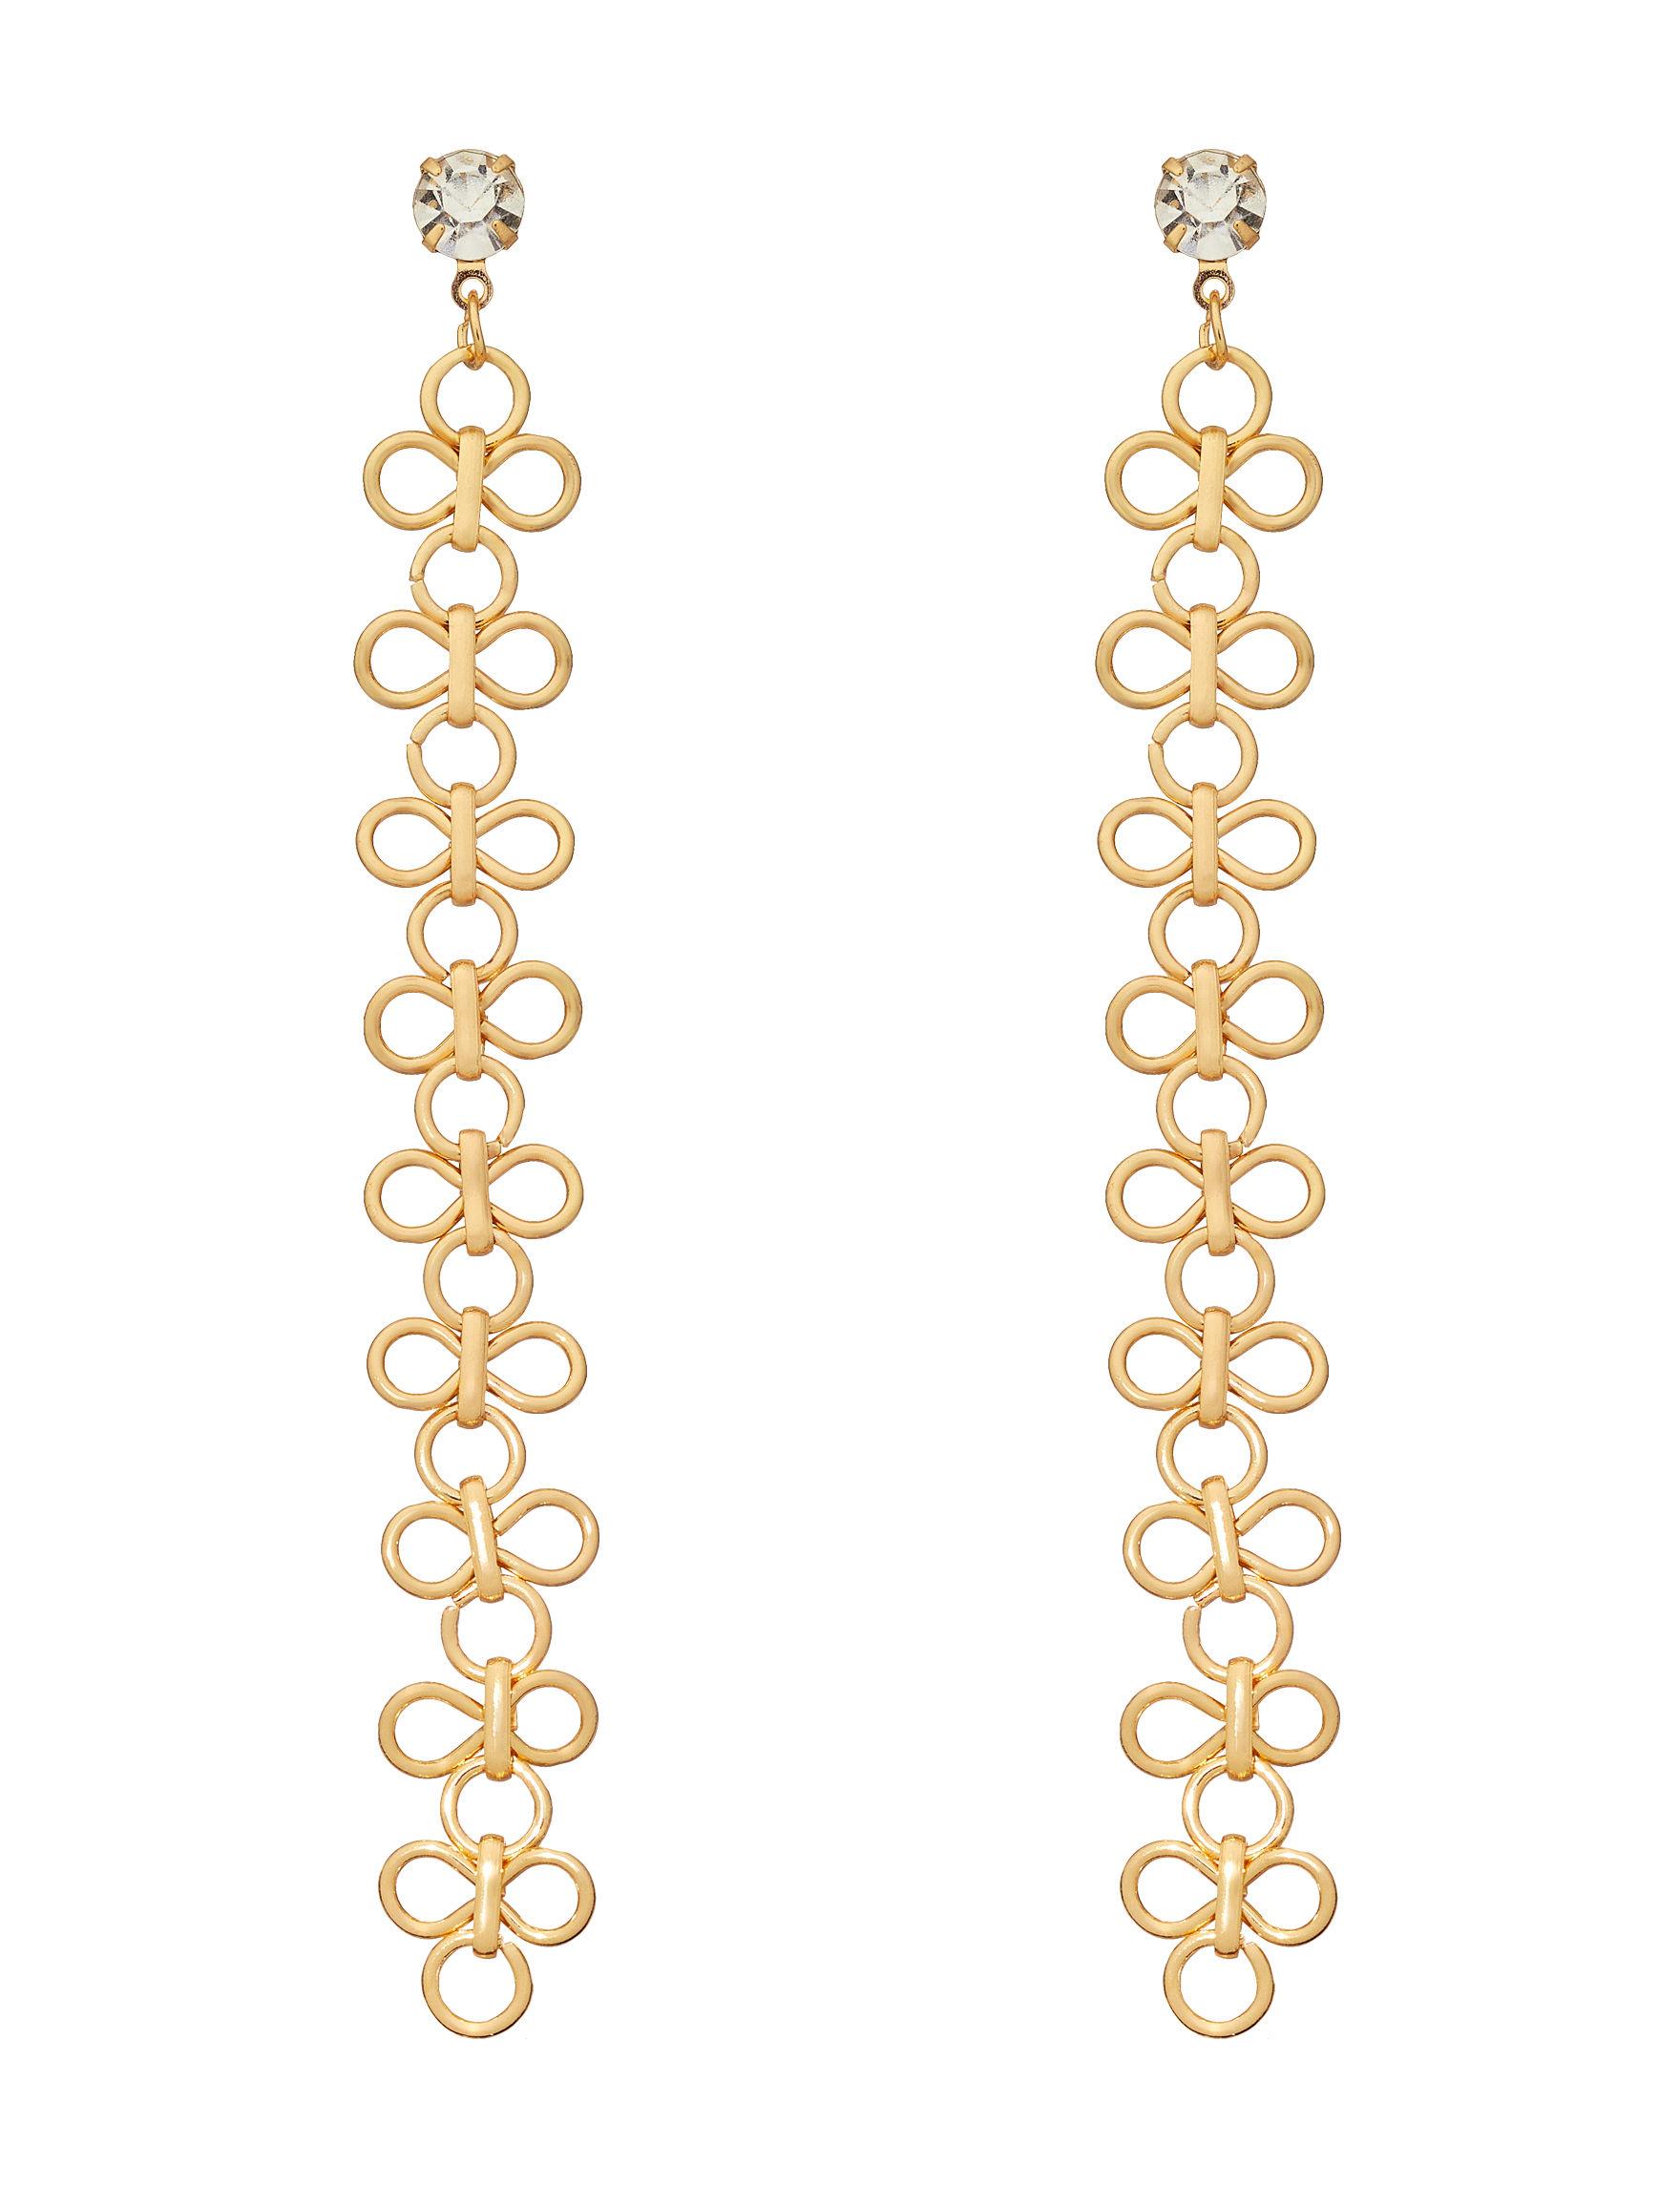 NES Gold Drops Earrings Fine Jewelry